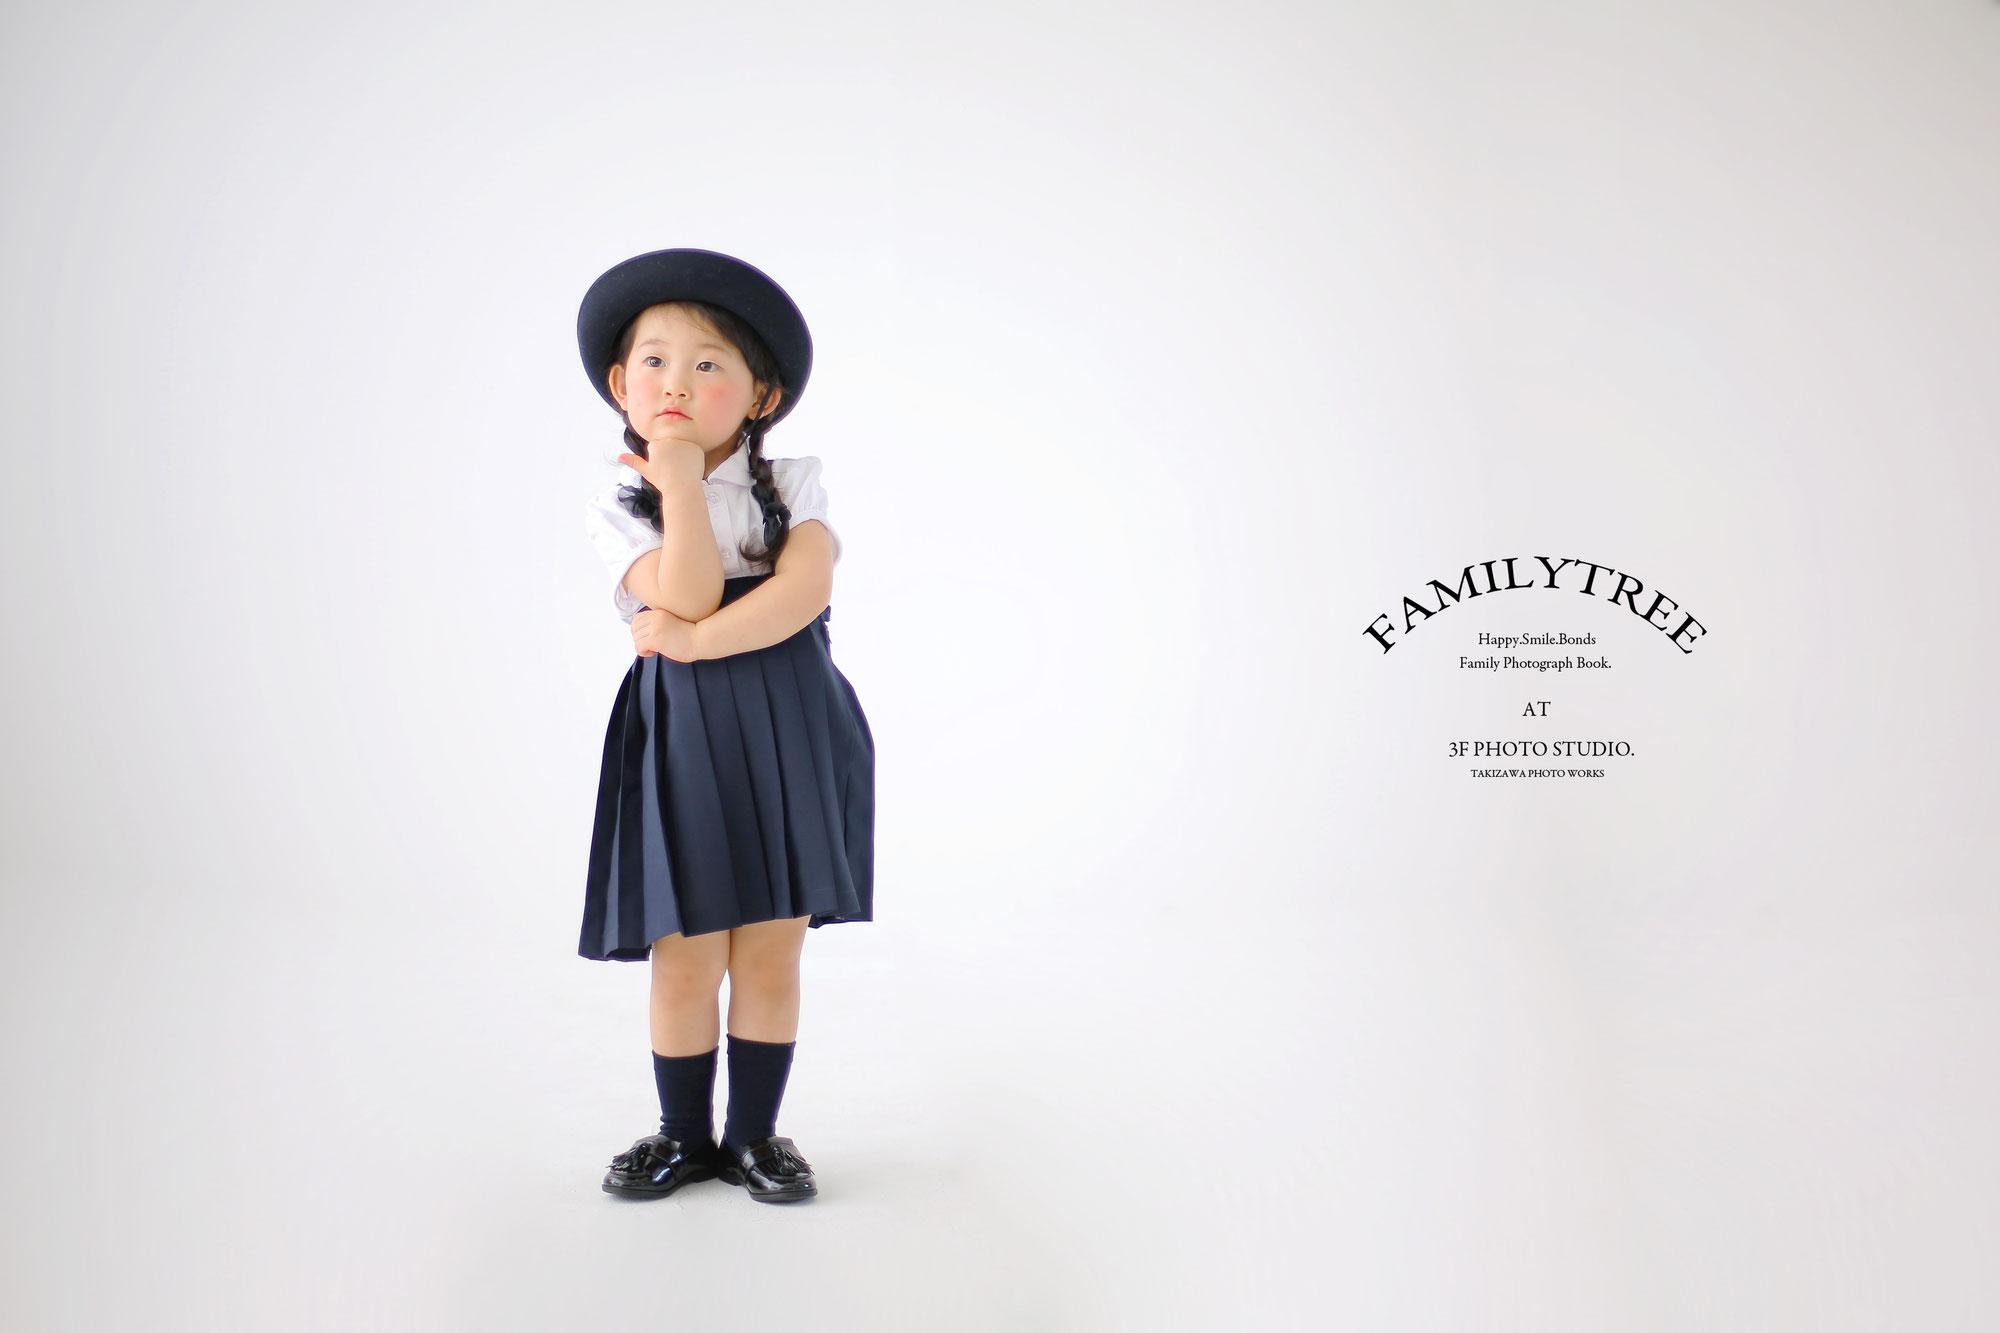 新潟市にある 3F Photo Studio.の入園の記念写真!